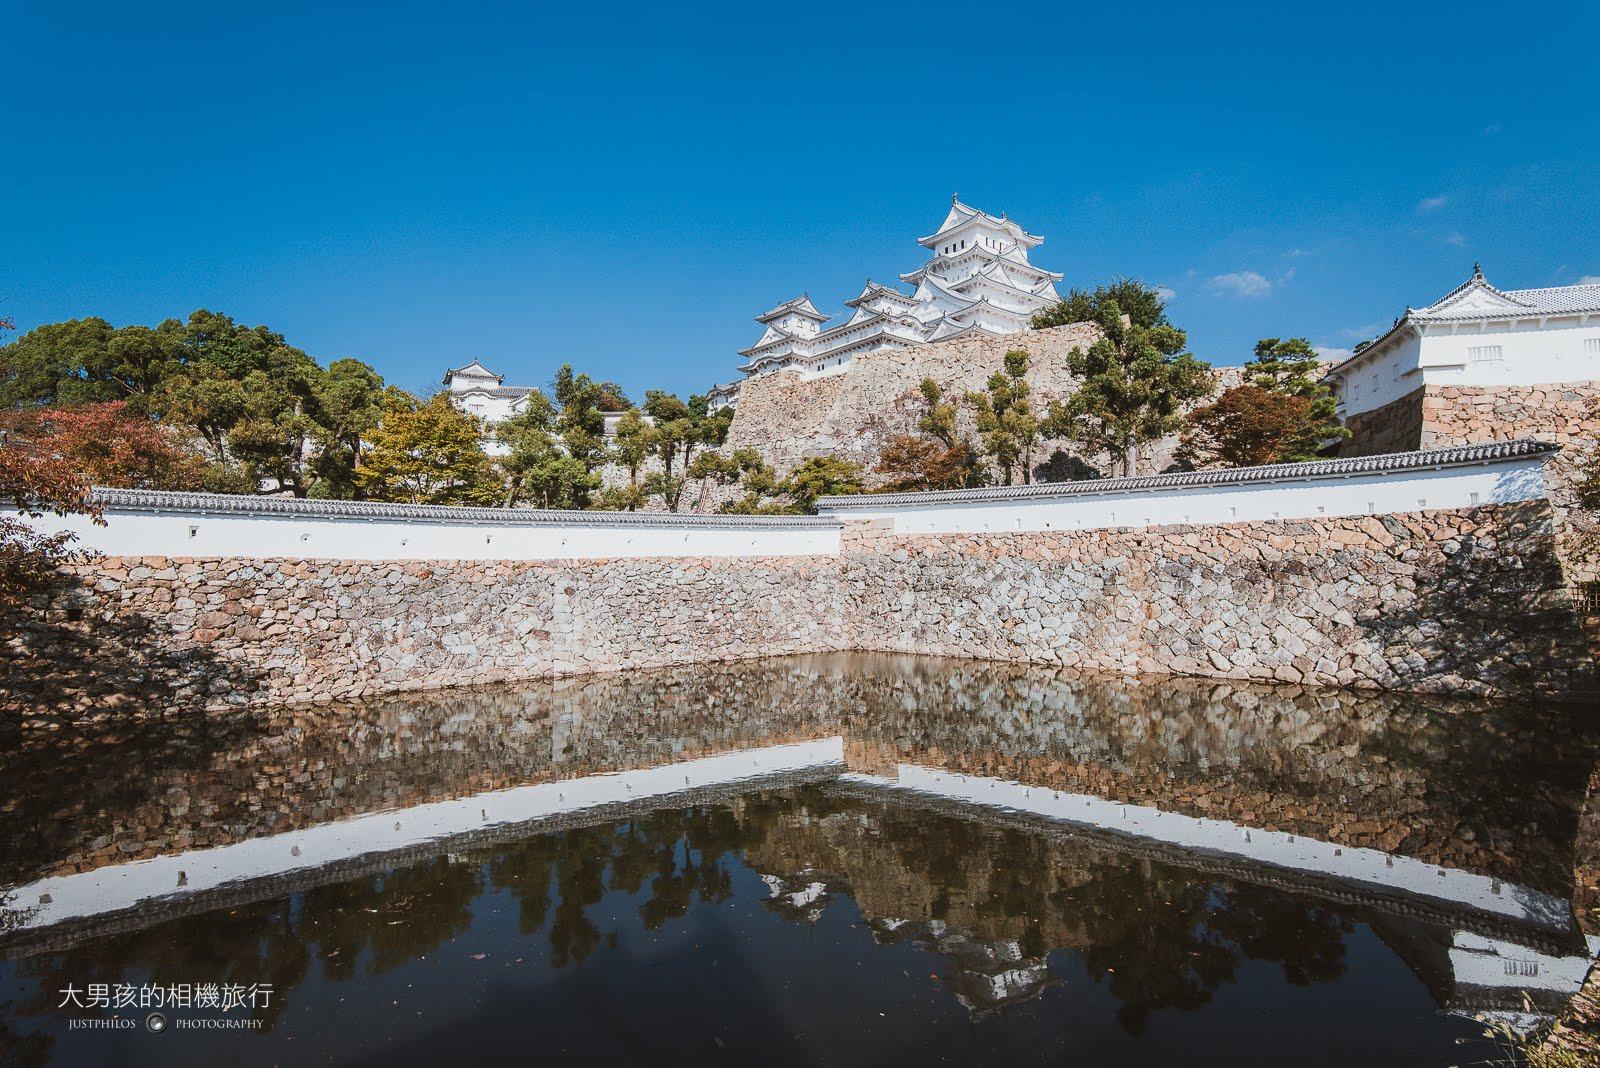 這張大概是姬路城拍攝裡面最滿意的一張,透過城牆外水池拍攝天守閣倒影,搭配藍天可說把姬路城襯托得更加出色。